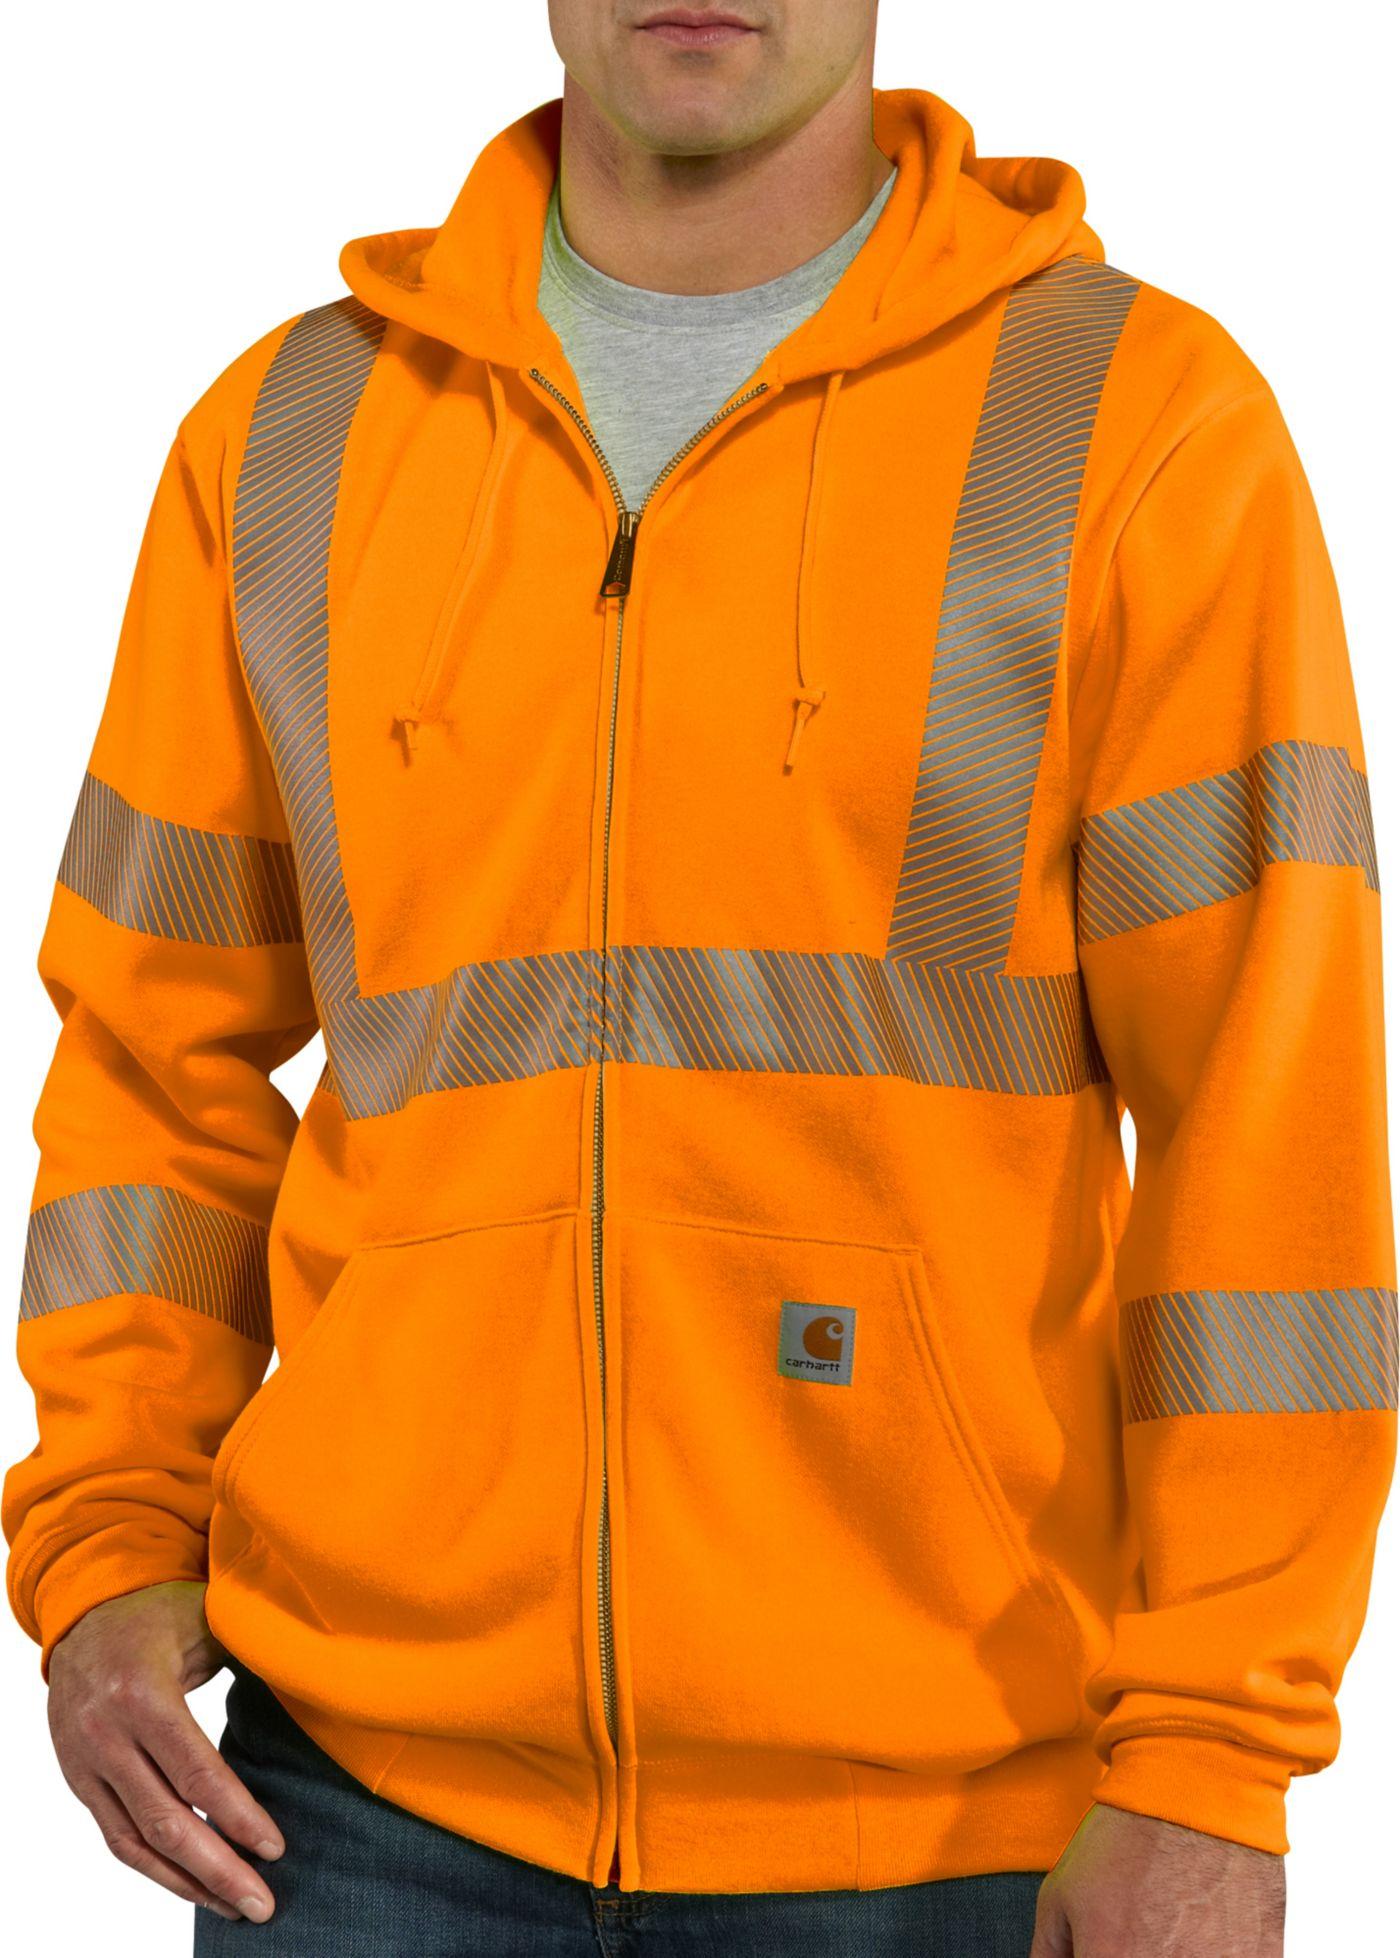 Carhartt Men's High-Visibility Zip-Front Class 3 Sweatshirt (Regular and Big & Tall)